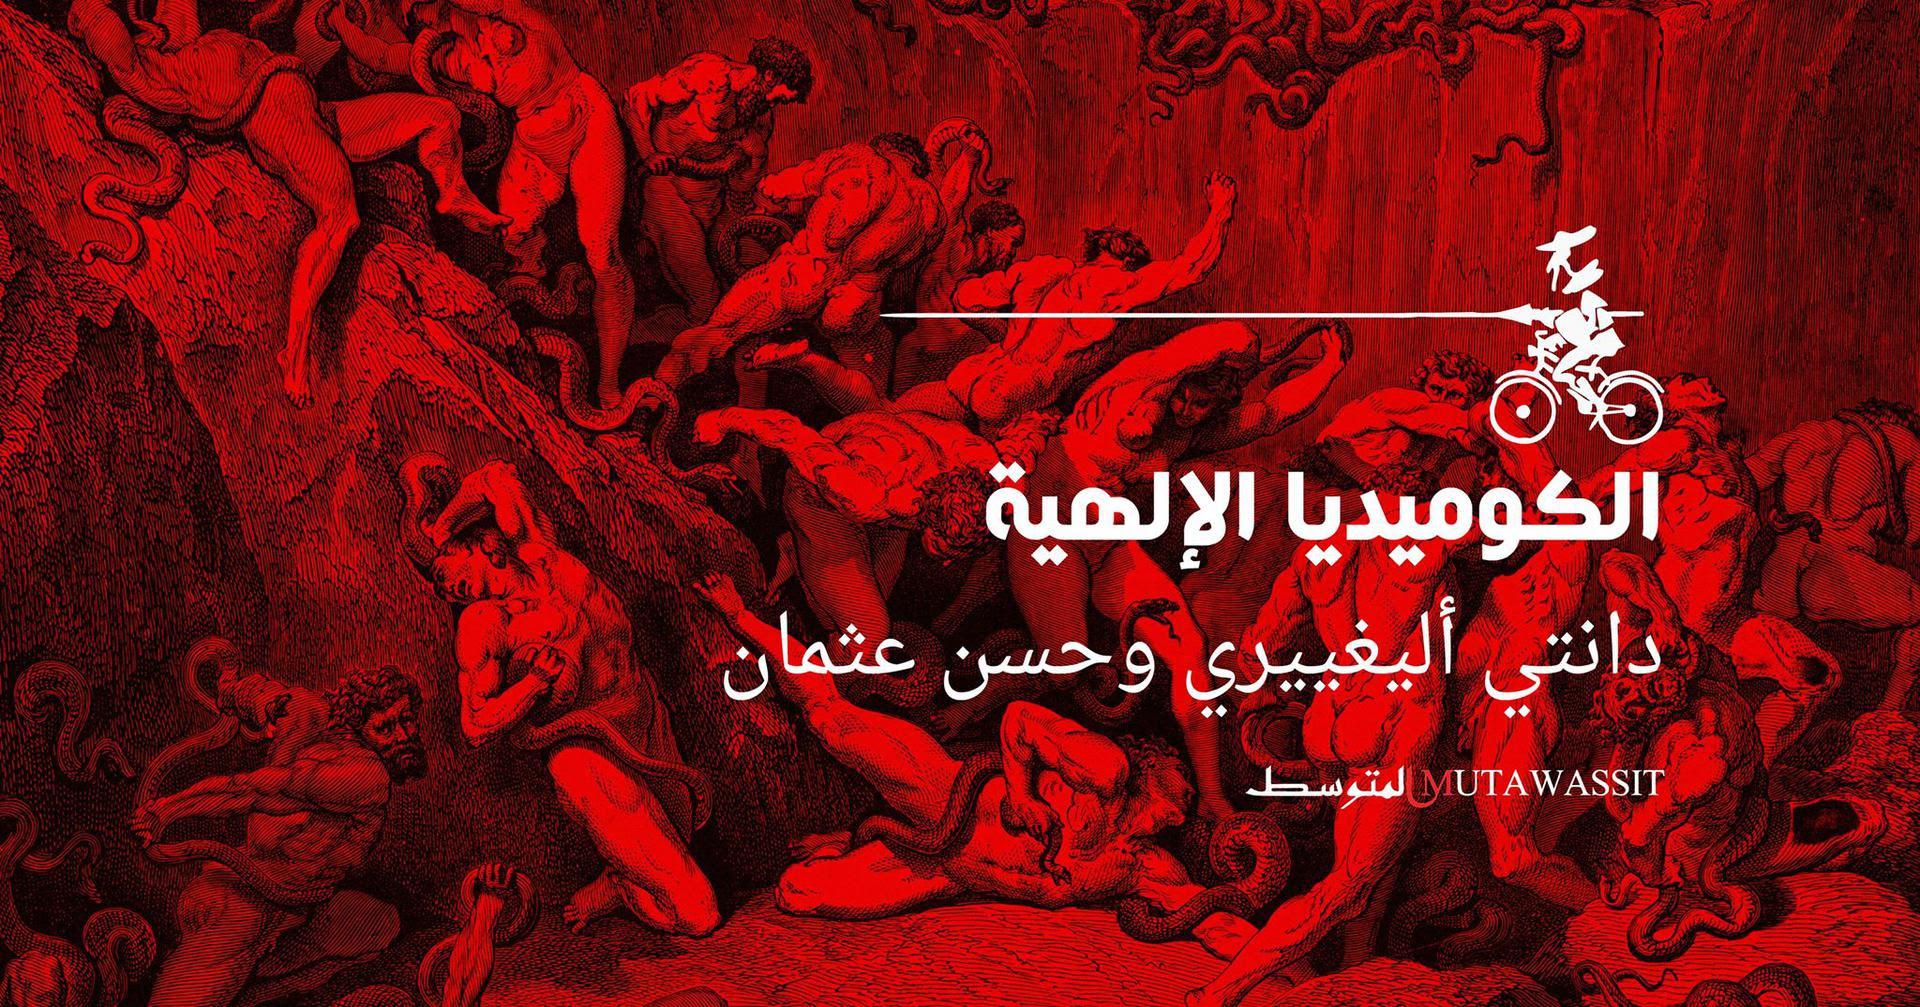 """إعادة إنتاج """"الكوميديا الإلهية"""" عربياً"""